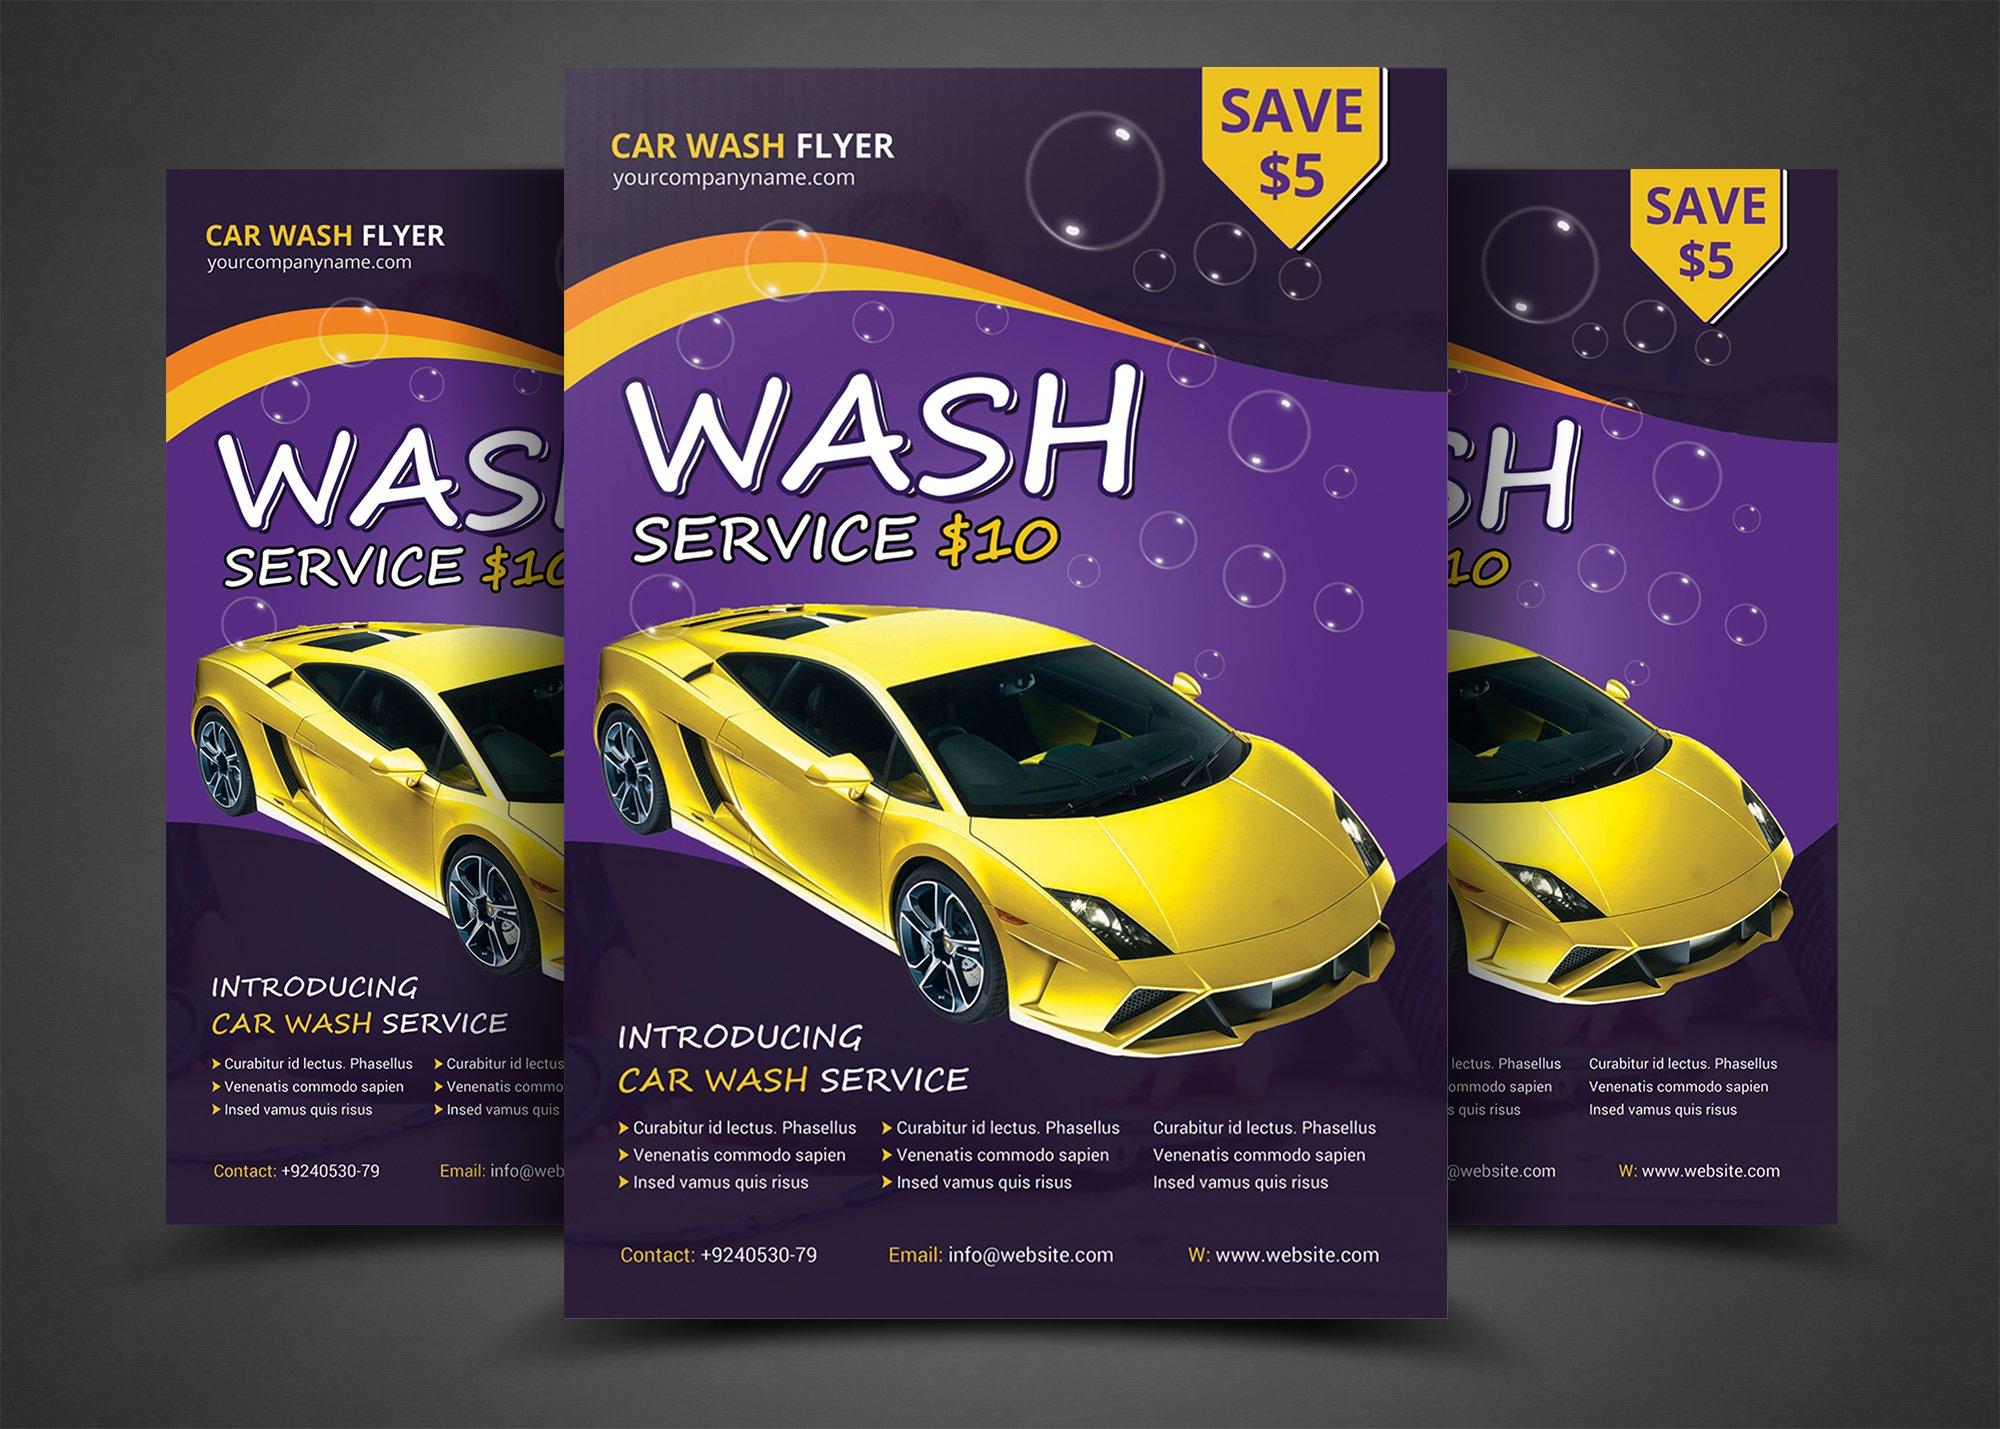 Car Wash Flyer Templates Flyer Templates on Creative Market – Car Flyers